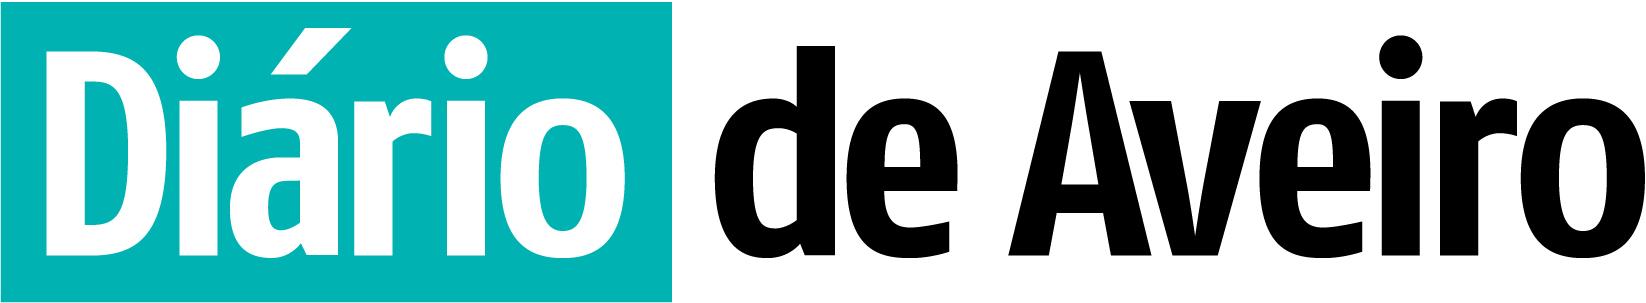 http://www.diarioaveiro.pt/